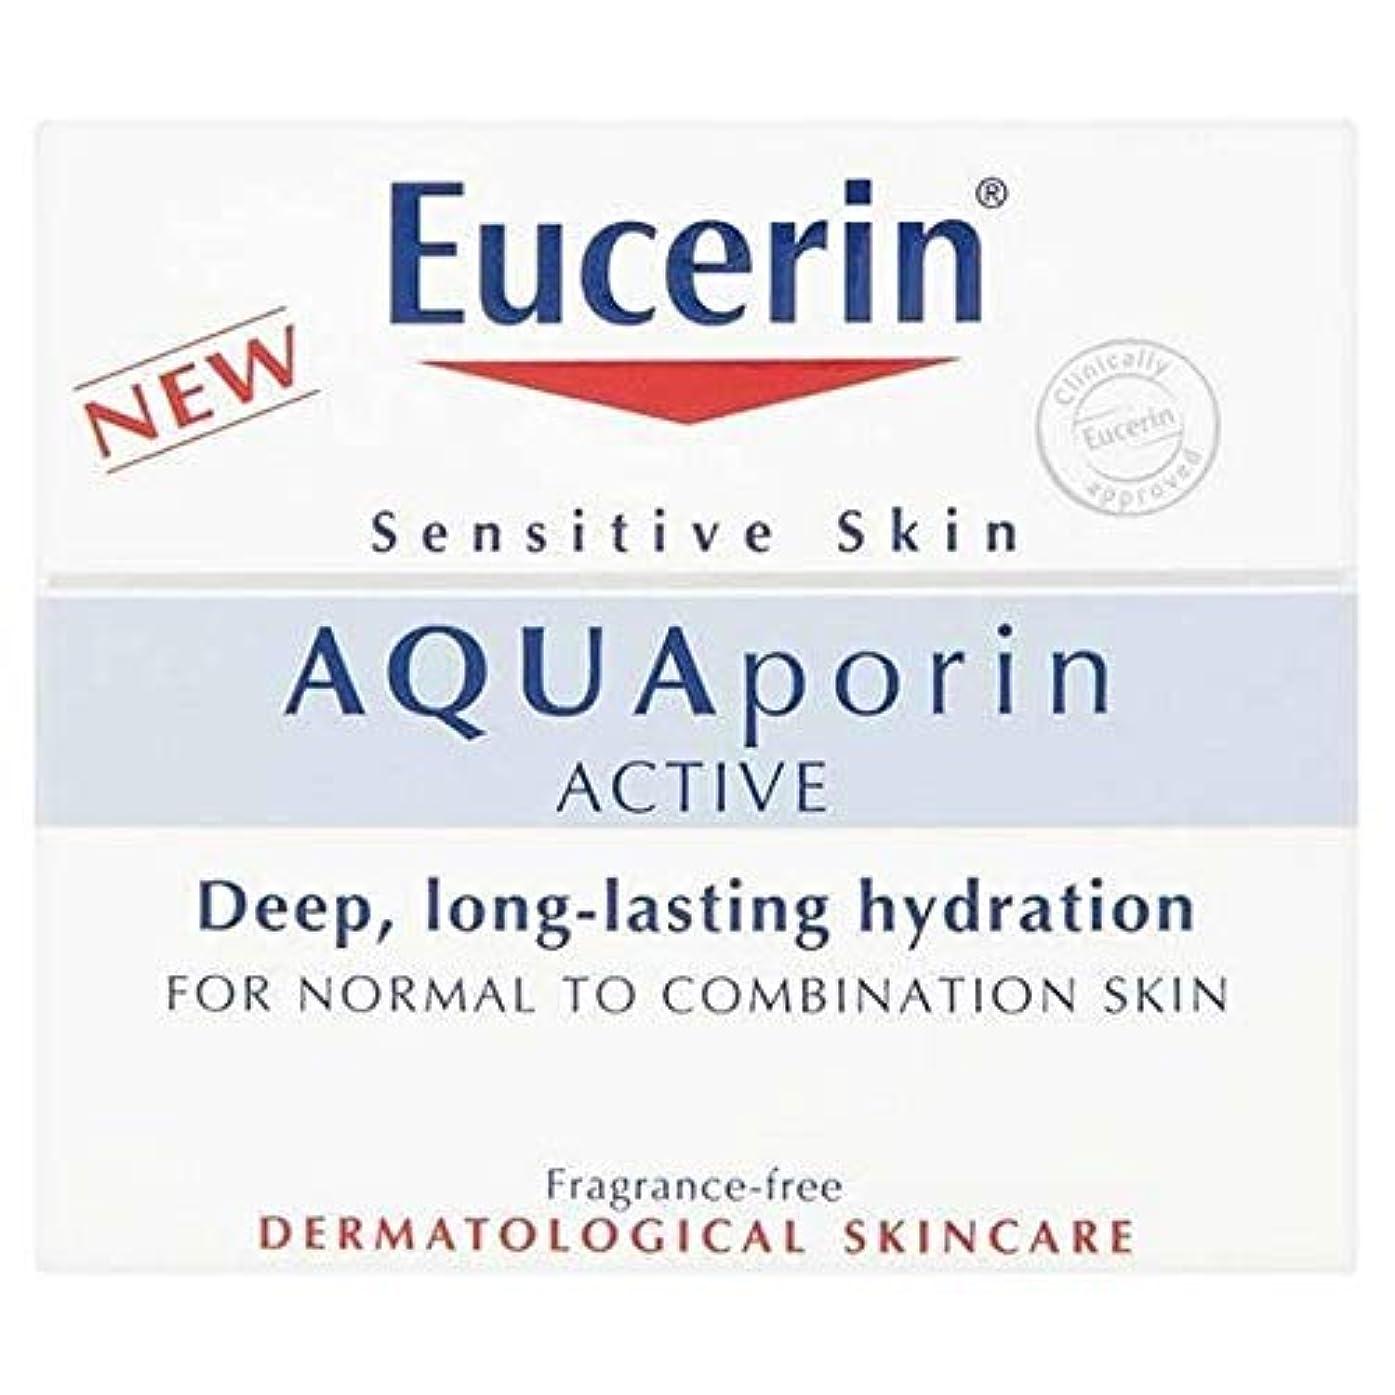 カバー破産ストラトフォードオンエイボン[Eucerin ] ノーマル/櫛皮膚50ミリリットルのためのユーセリンアクアポリンアクティブ水和 - Eucerin Aquaporin Active Hydration for Normal/Comb Skin 50ml [並行輸入品]